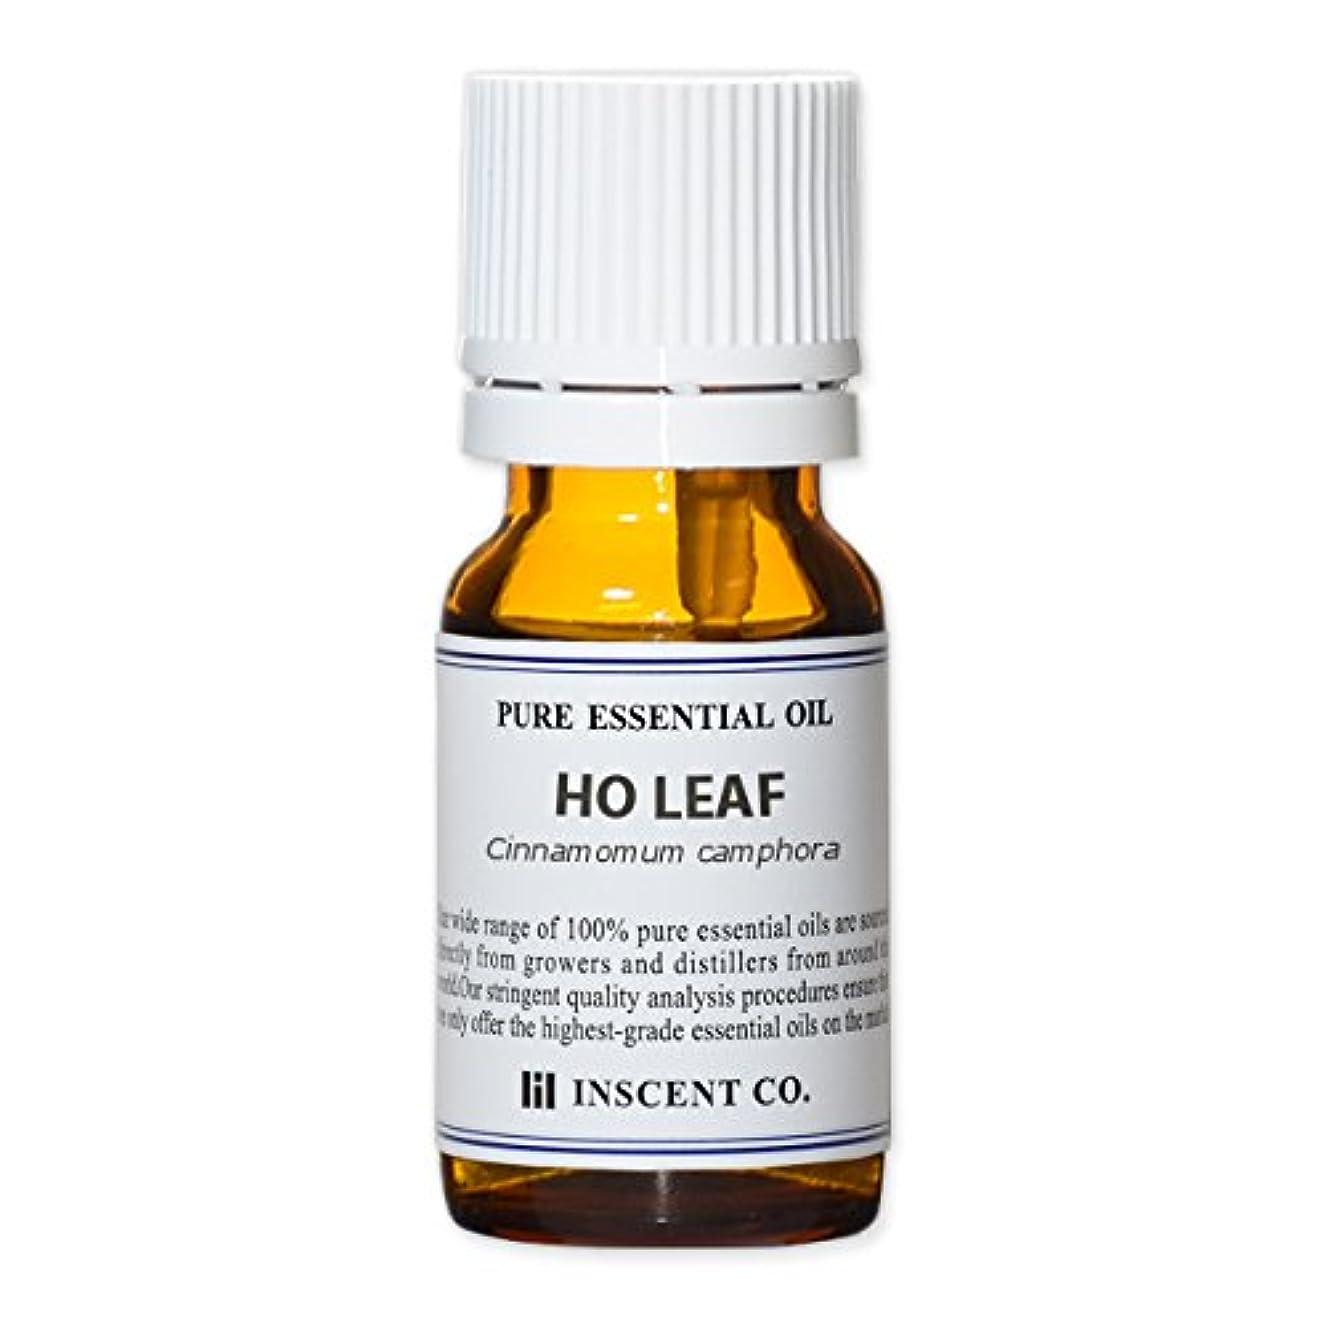 ホーリーフ 10ml インセント アロマオイル AEAJ 表示基準適合認定精油